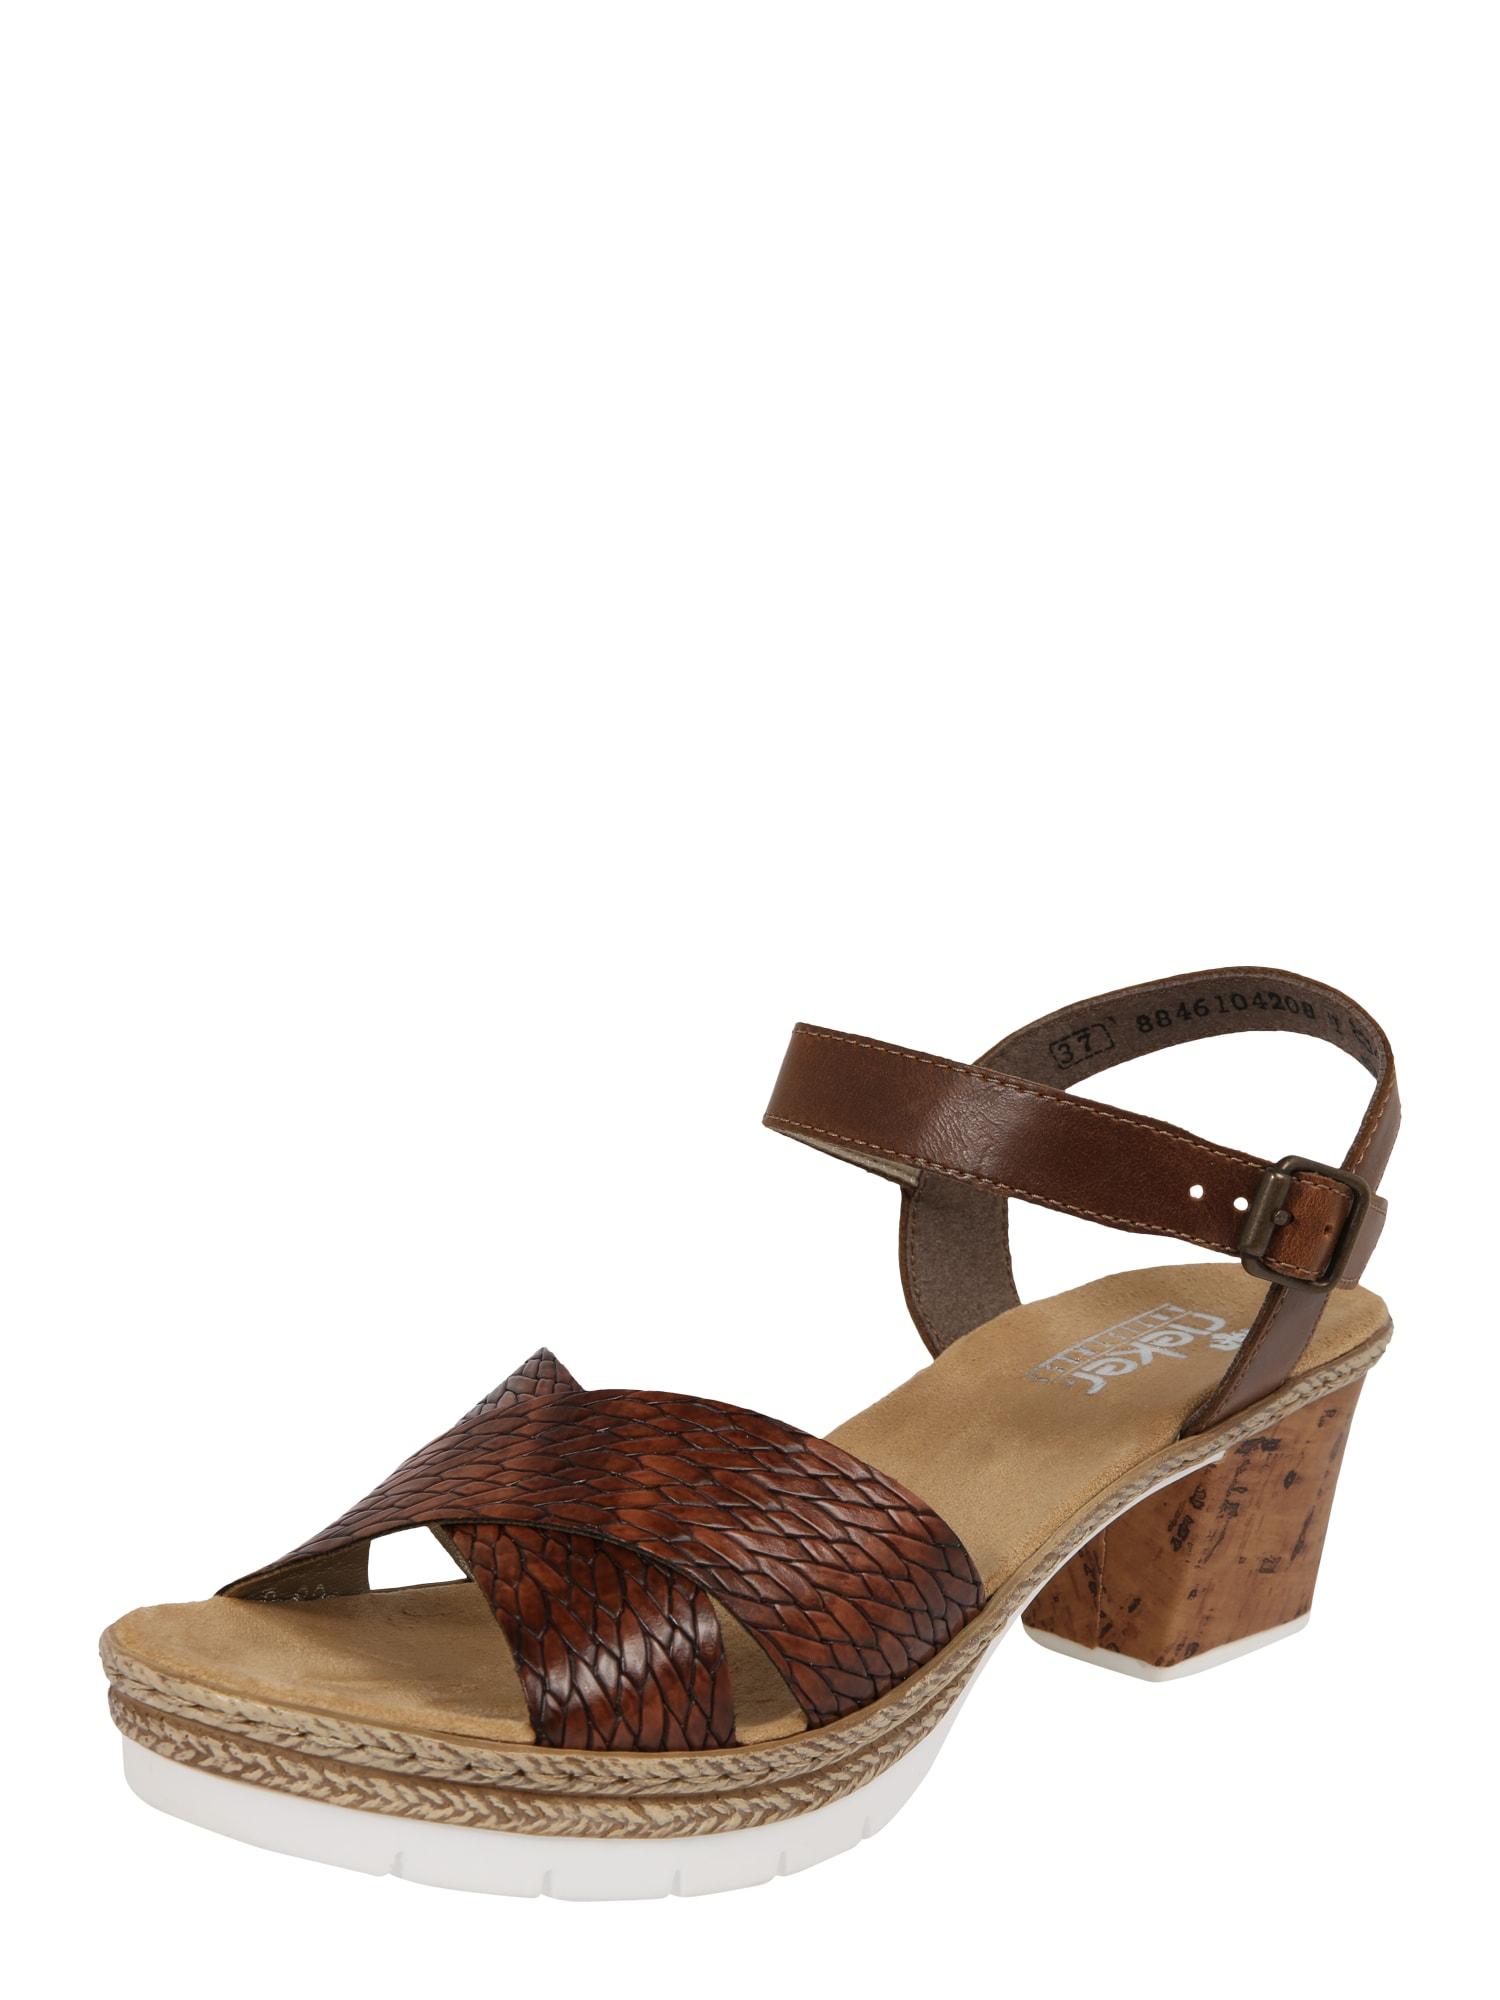 Schuhe Online atShop24 Günstig Kaufen Über Shop24 sQrhdtCx